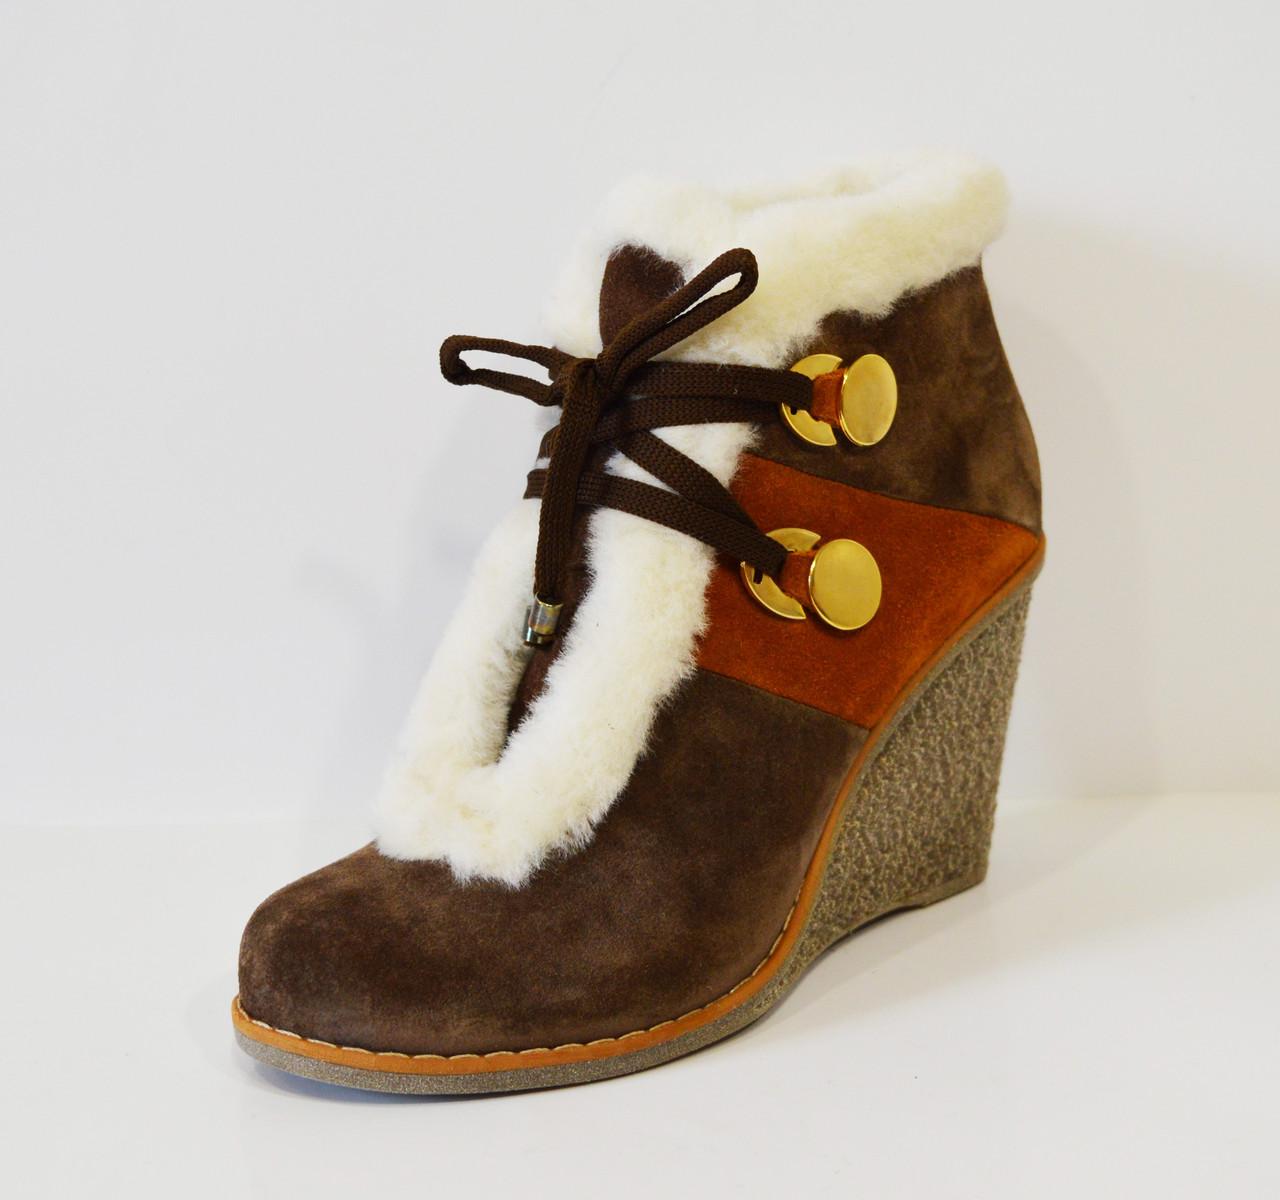 Ботинки коричневые зимние Fabriano 2635